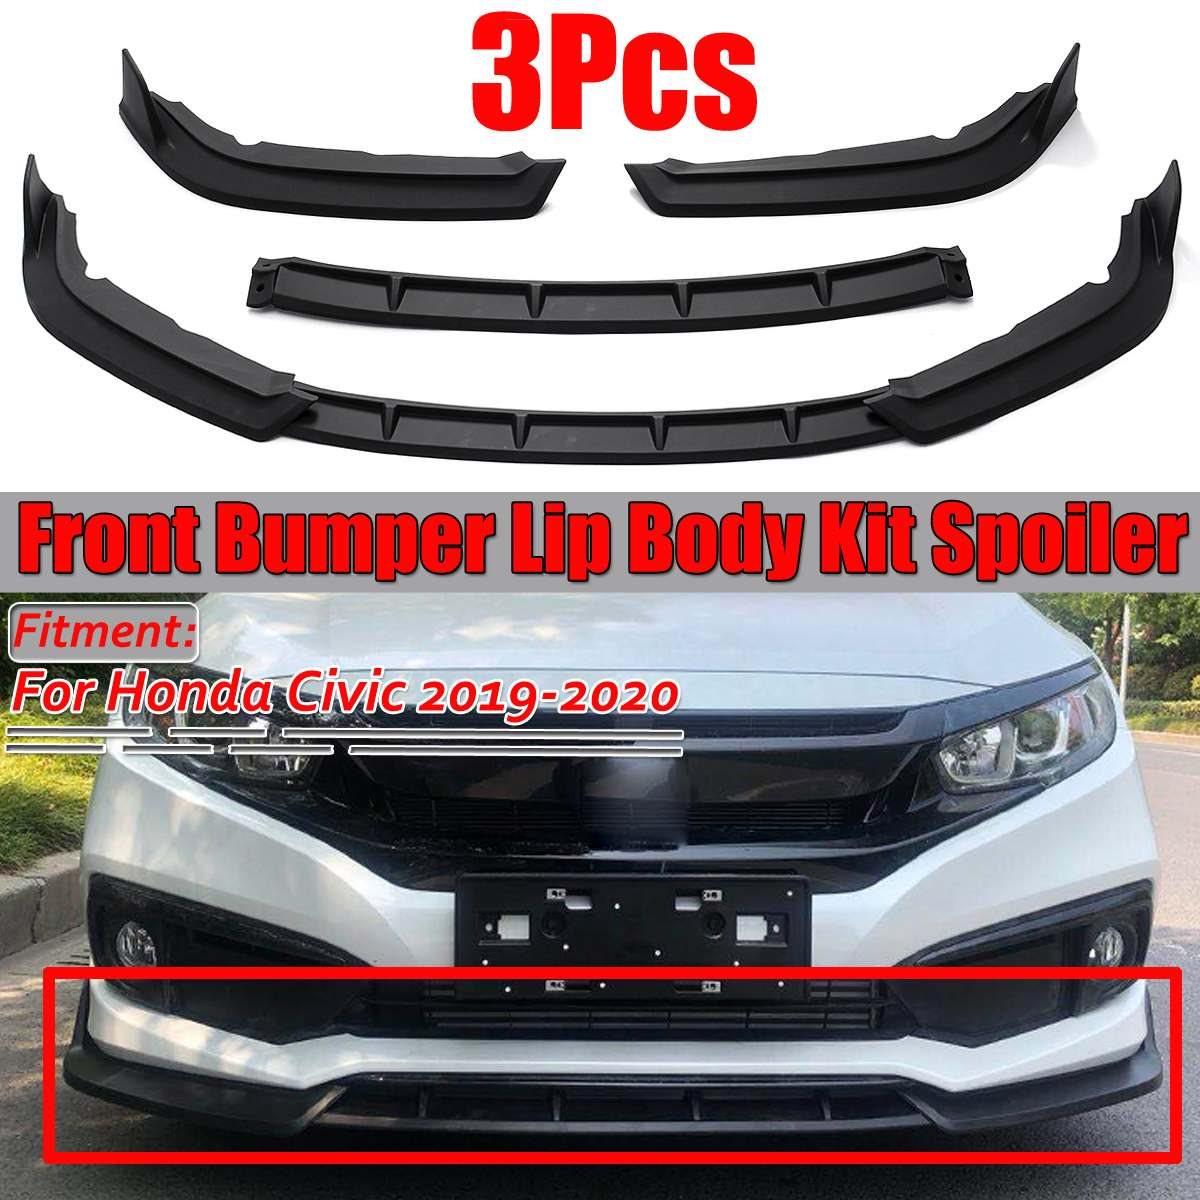 3pcs Front Grille Carbon Fiber Cover Moulding Trim For 2017+on Honda CRV 5th gen